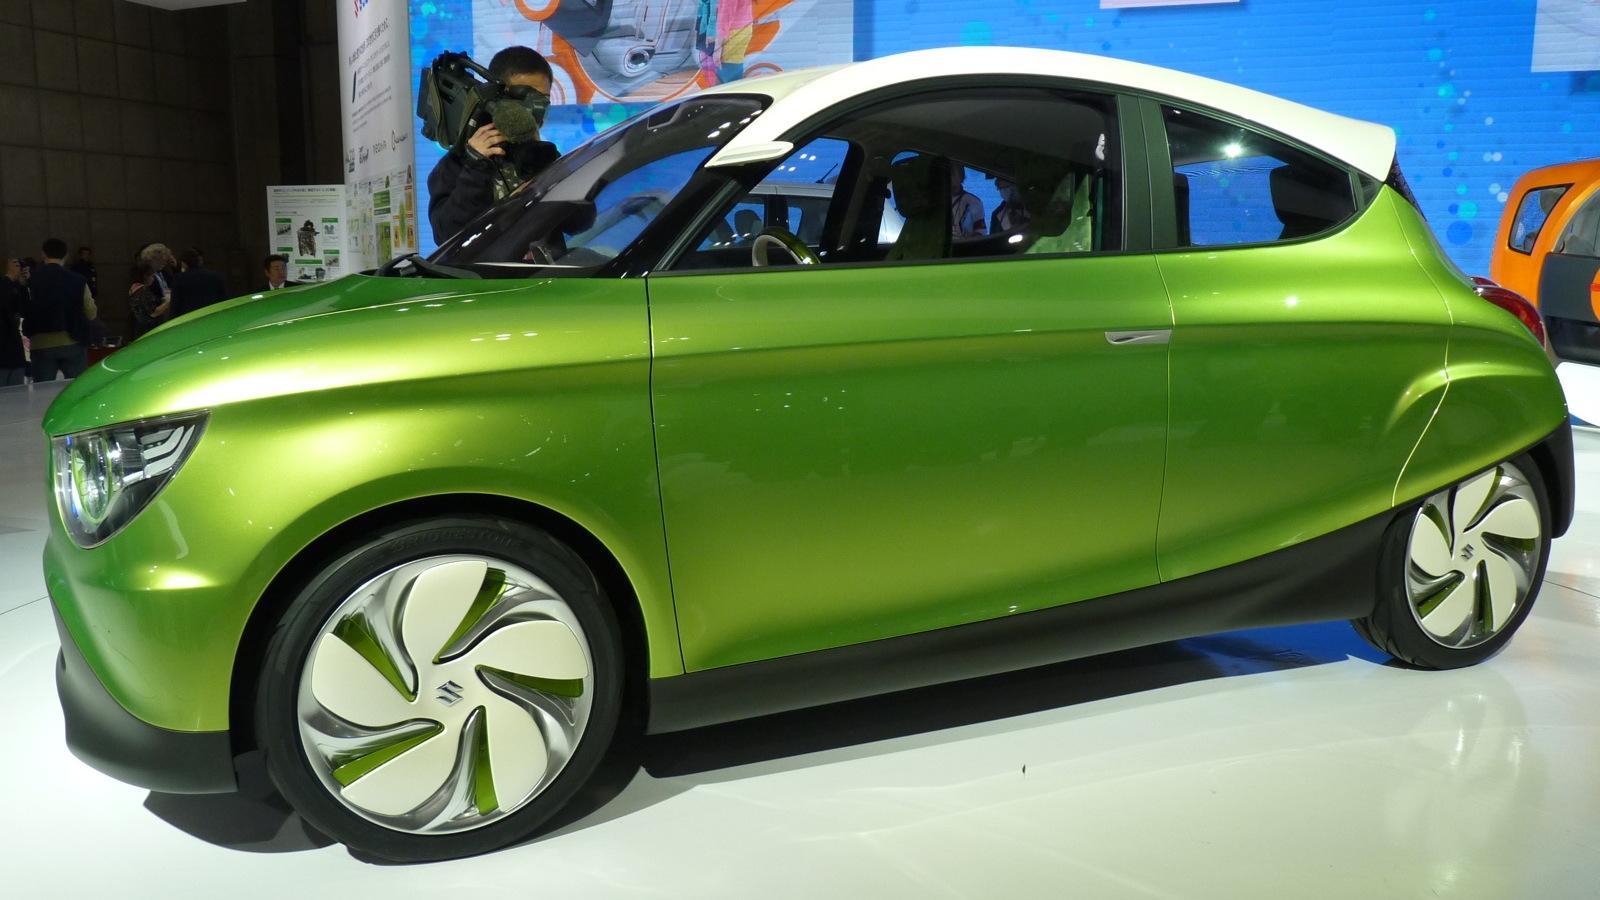 2011 Suzuki Regina concept